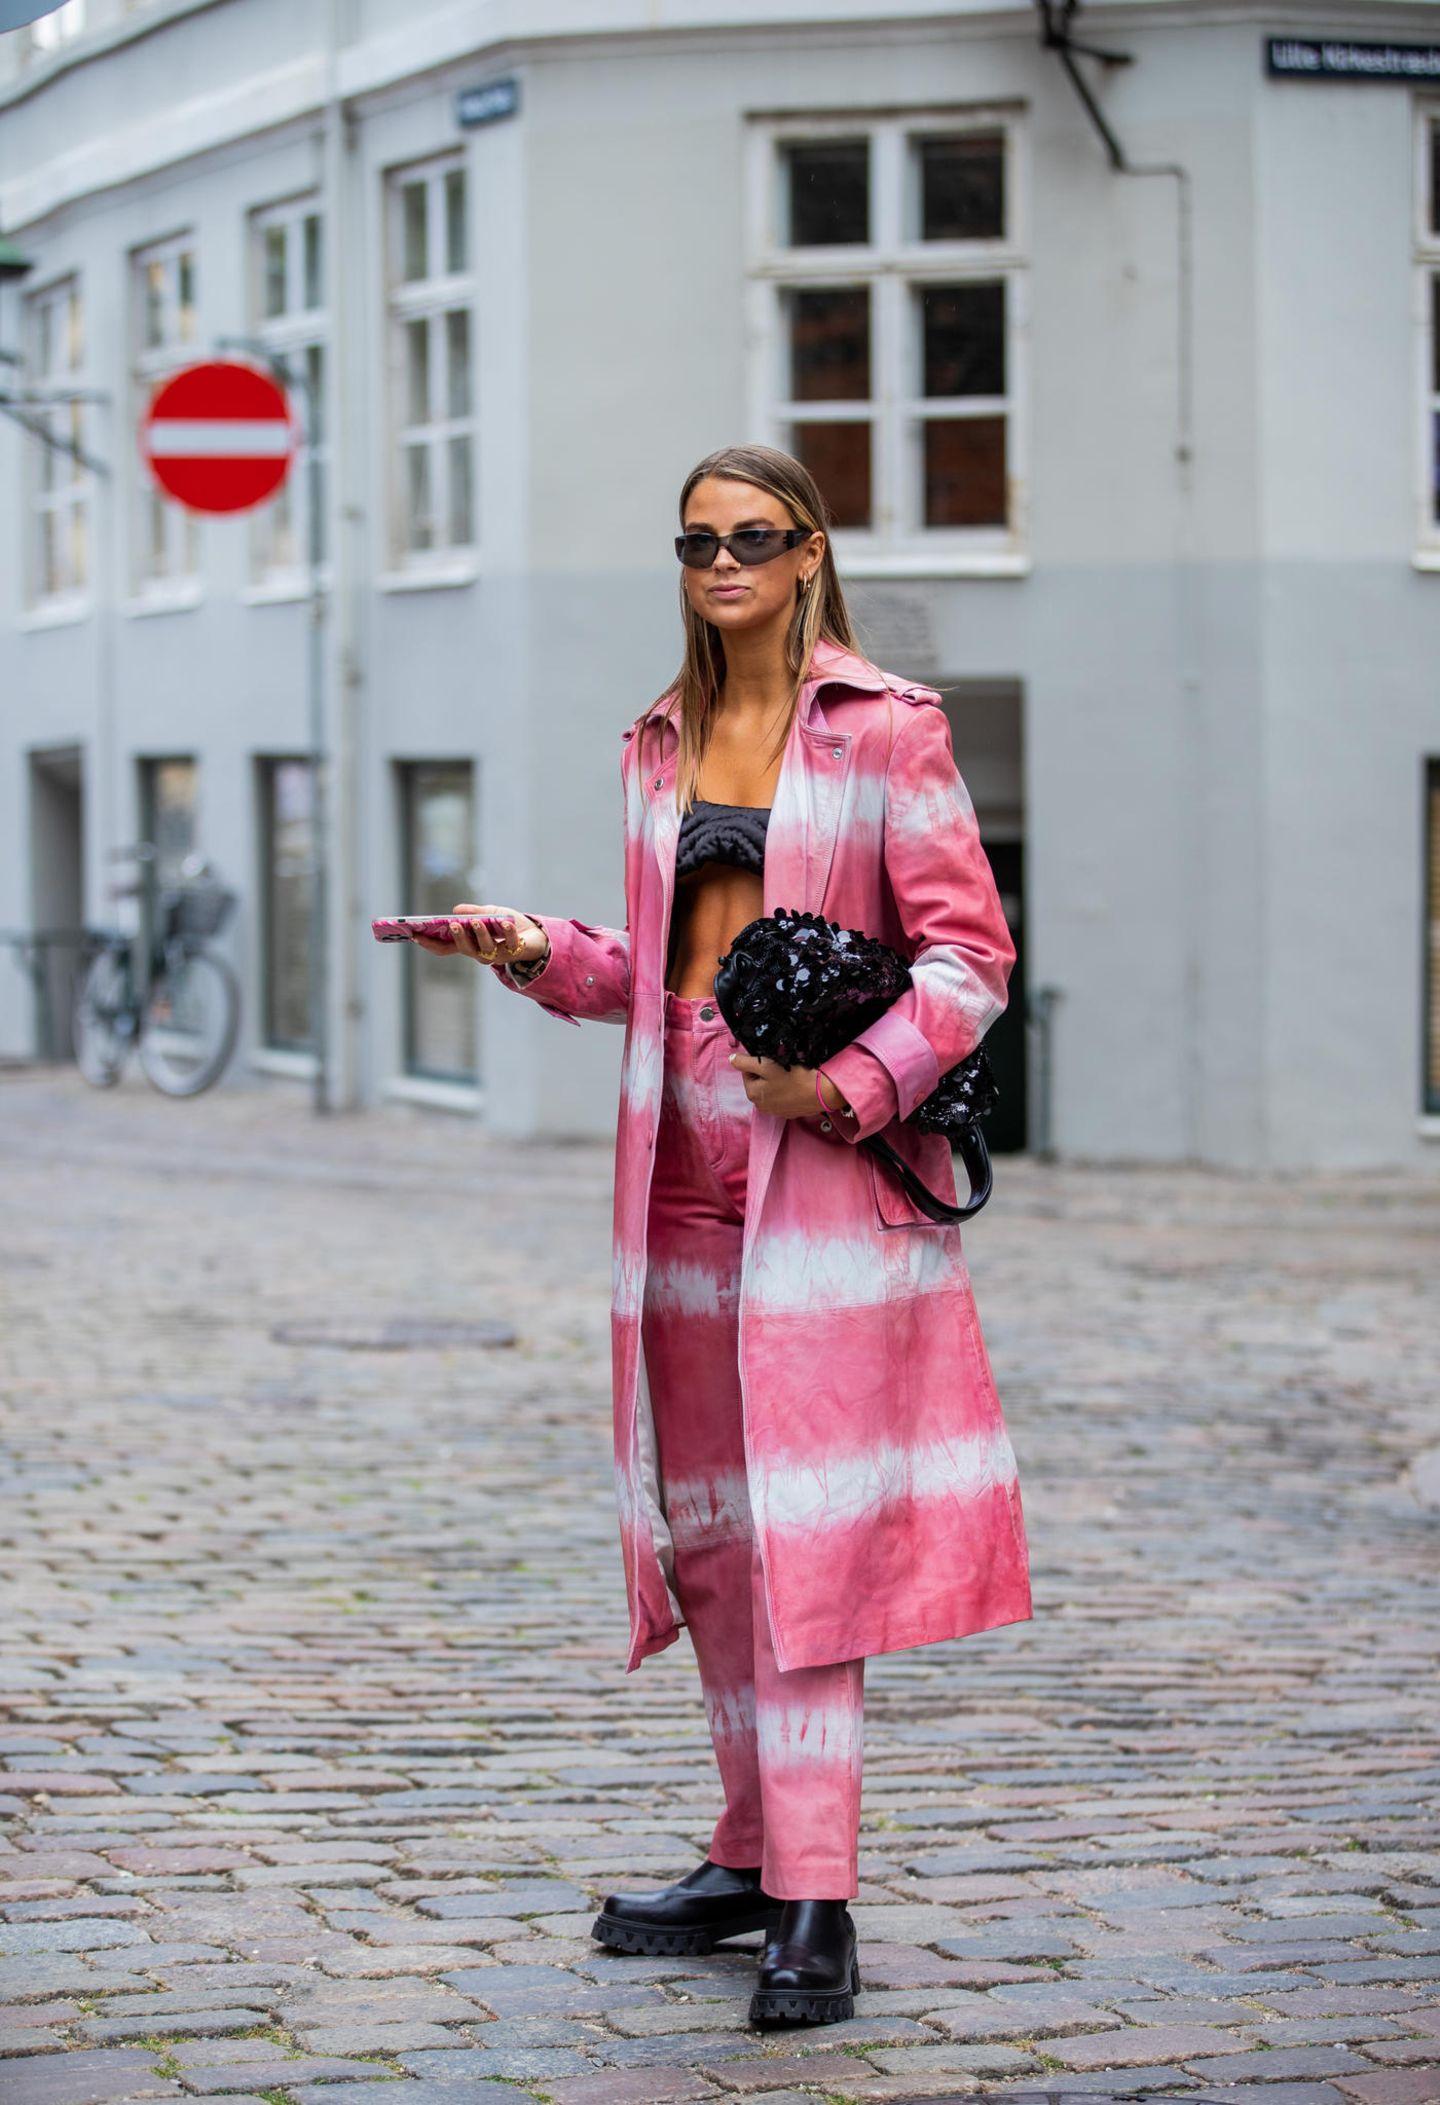 Eine Frau posiert in ihrem Outfit für die Fotografen.